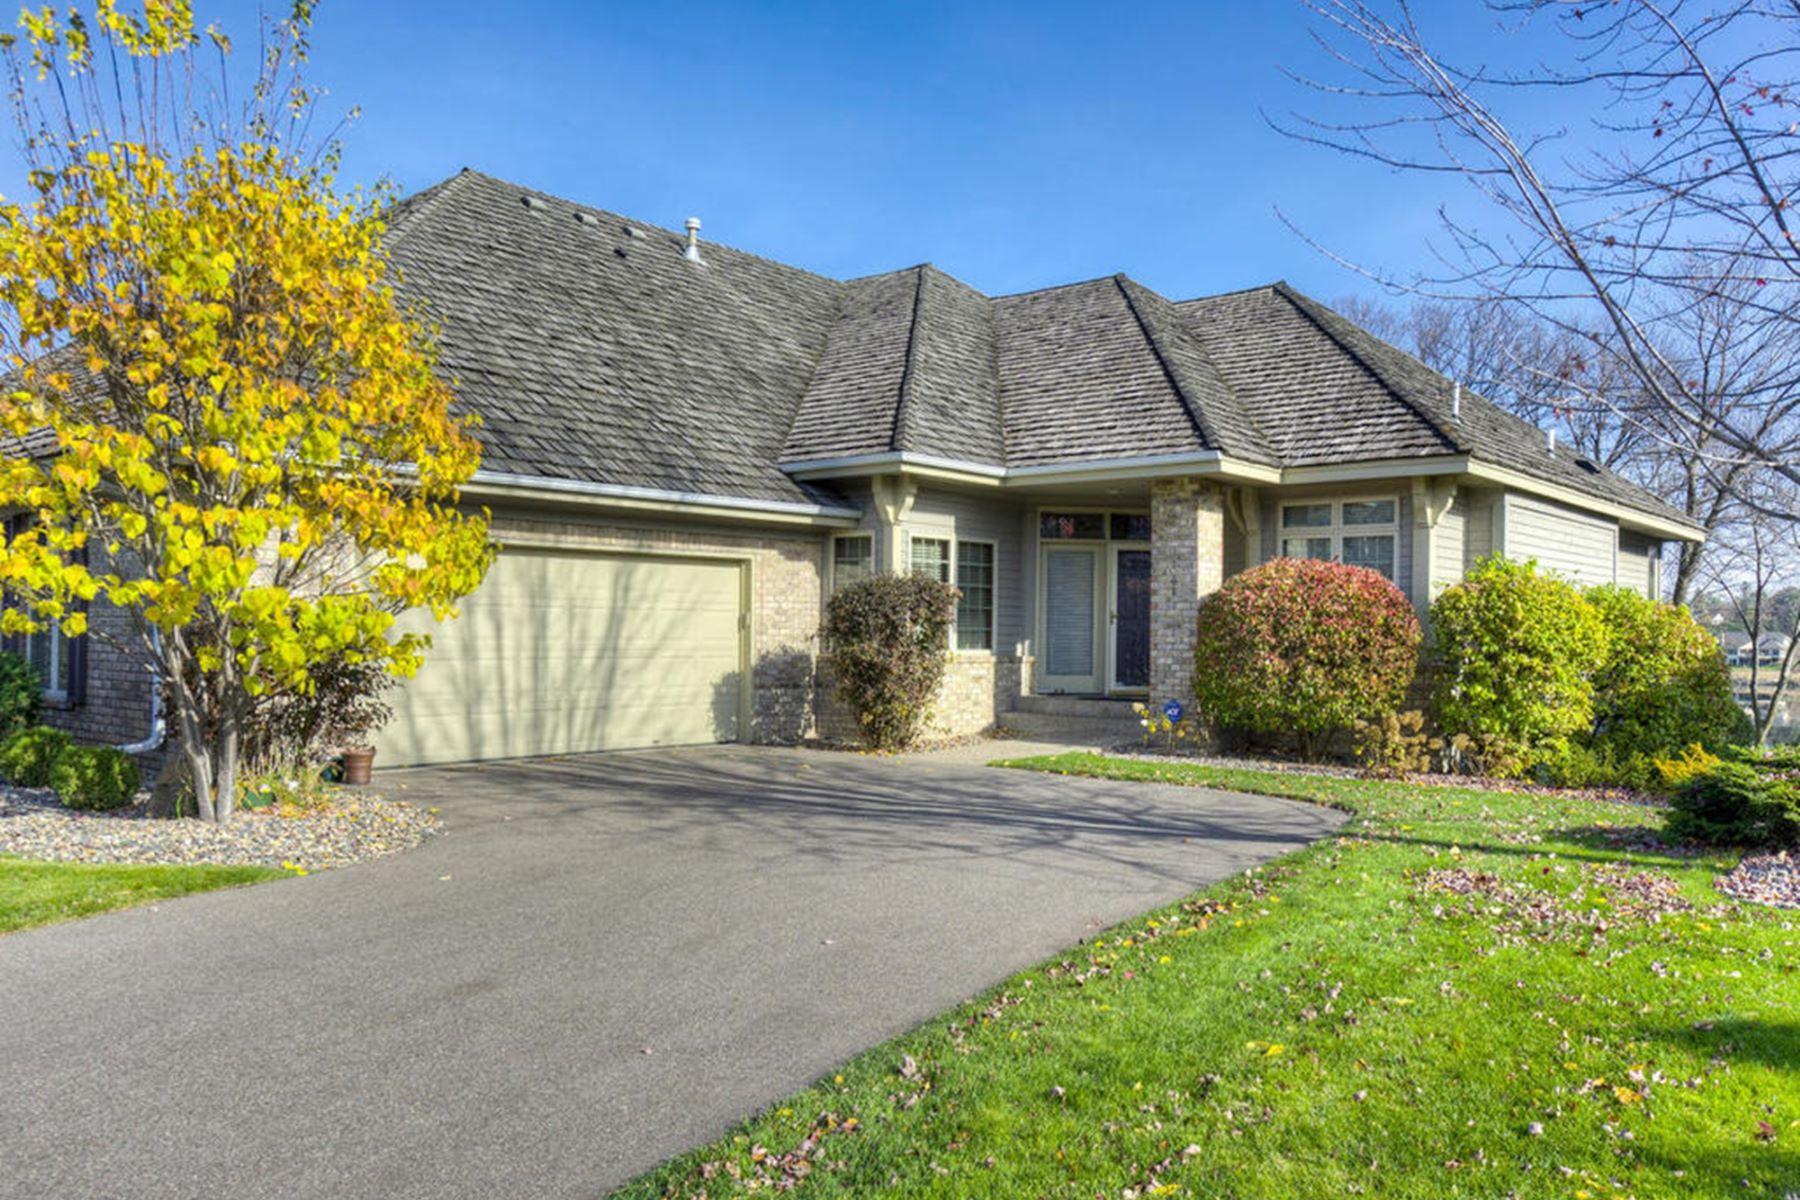 联栋屋 为 销售 在 338 Waycliffe Drive N 扎塔, 明尼苏达州, 55391 美国